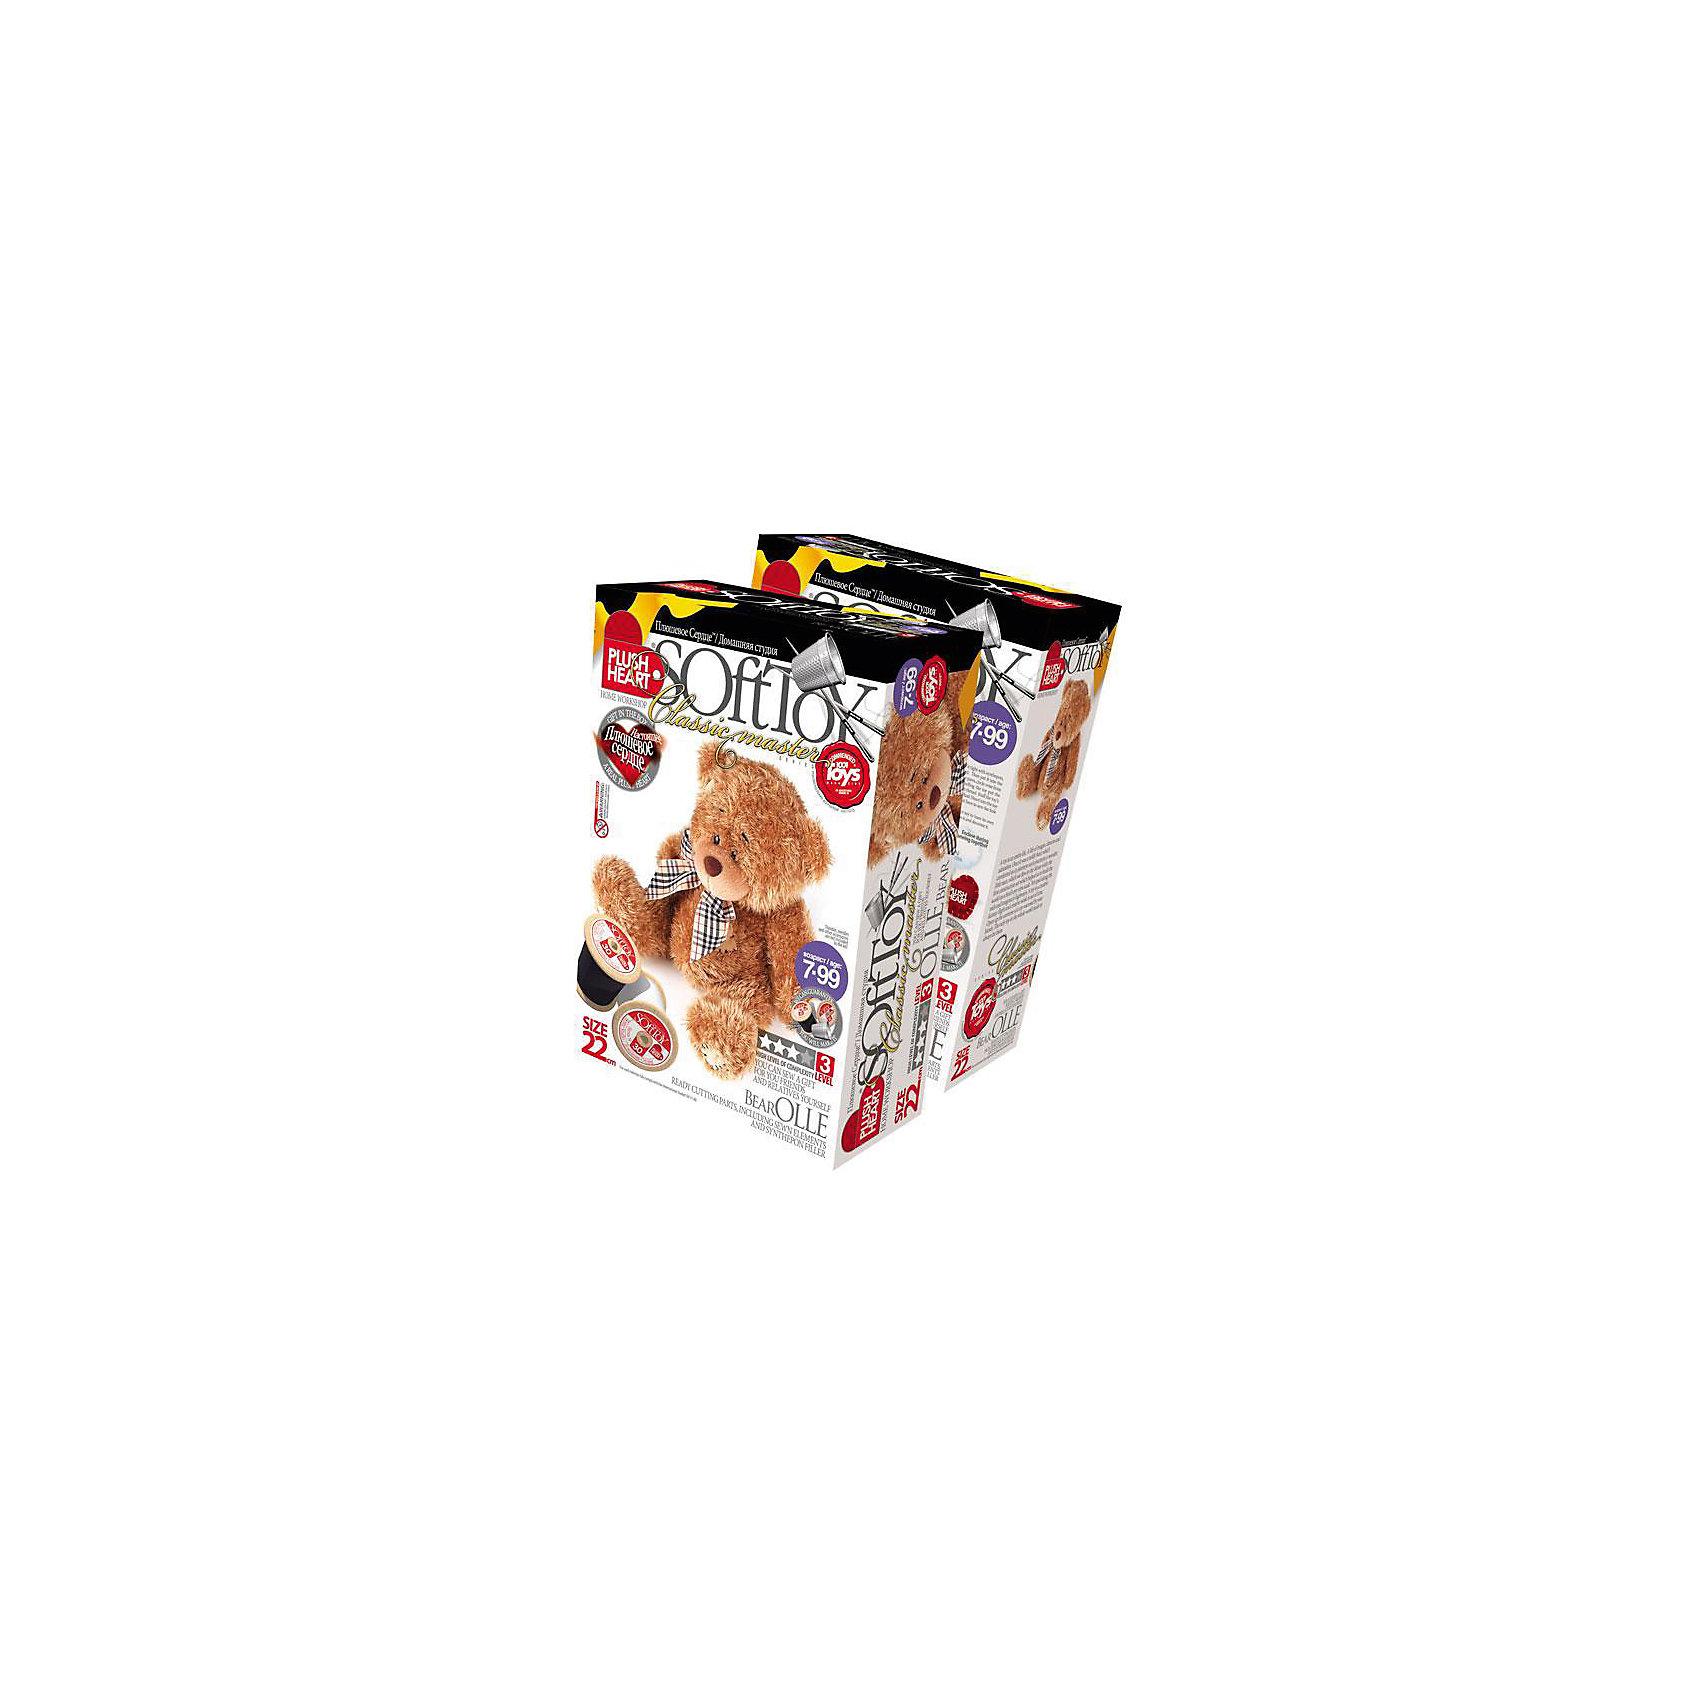 Набор Медведь Олле, Plush HeartРукоделие<br>С помощью Набора Медведь Олле, Plush Heart (Плюшевое сердце) Ваш ребенок сможет сшить великолепную мягкую игрушку медвежонка Олле . В комплект набора, кроме необходимых аксессуаров, чертежей выкройки и заготовок, входит маленькое плюшевое сердечко, которое вкладывается внутрь мягкой игрушки, что делает ее почти живой. Уровень сложности 3 из 4.<br><br>Комплектация: пошитая голова игрушки, детали туловища, синтепоновая набивка, мешочек с полимерными гранулами, нитки, плюшевое сердце<br><br>Дополнительная информация:<br>-Вес в упаковке: 310 г <br>-Размеры в упаковке: 280х190х90 мм<br>-Материалы: синтепон, полимерные гранулы, плюш, текстиль<br>-Размер готовой игрушки: 220 мм<br><br>Приложив немного терпения, фантазии и сердца, Ваш ребенок создаст чудесную мягкую игрушку, которая будет только его, со своим неповторимым характером, поскольку игрушки ручной работы никогда не бывают одинаковыми, даже если сшиты по одному лекалу из одинаковых материалов!<br><br>Набор Медведь Олле, Plush Heart (Плюшевое сердце) можно купить в нашем магазине.<br><br>Ширина мм: 280<br>Глубина мм: 190<br>Высота мм: 90<br>Вес г: 310<br>Возраст от месяцев: 84<br>Возраст до месяцев: 144<br>Пол: Женский<br>Возраст: Детский<br>SKU: 4051625